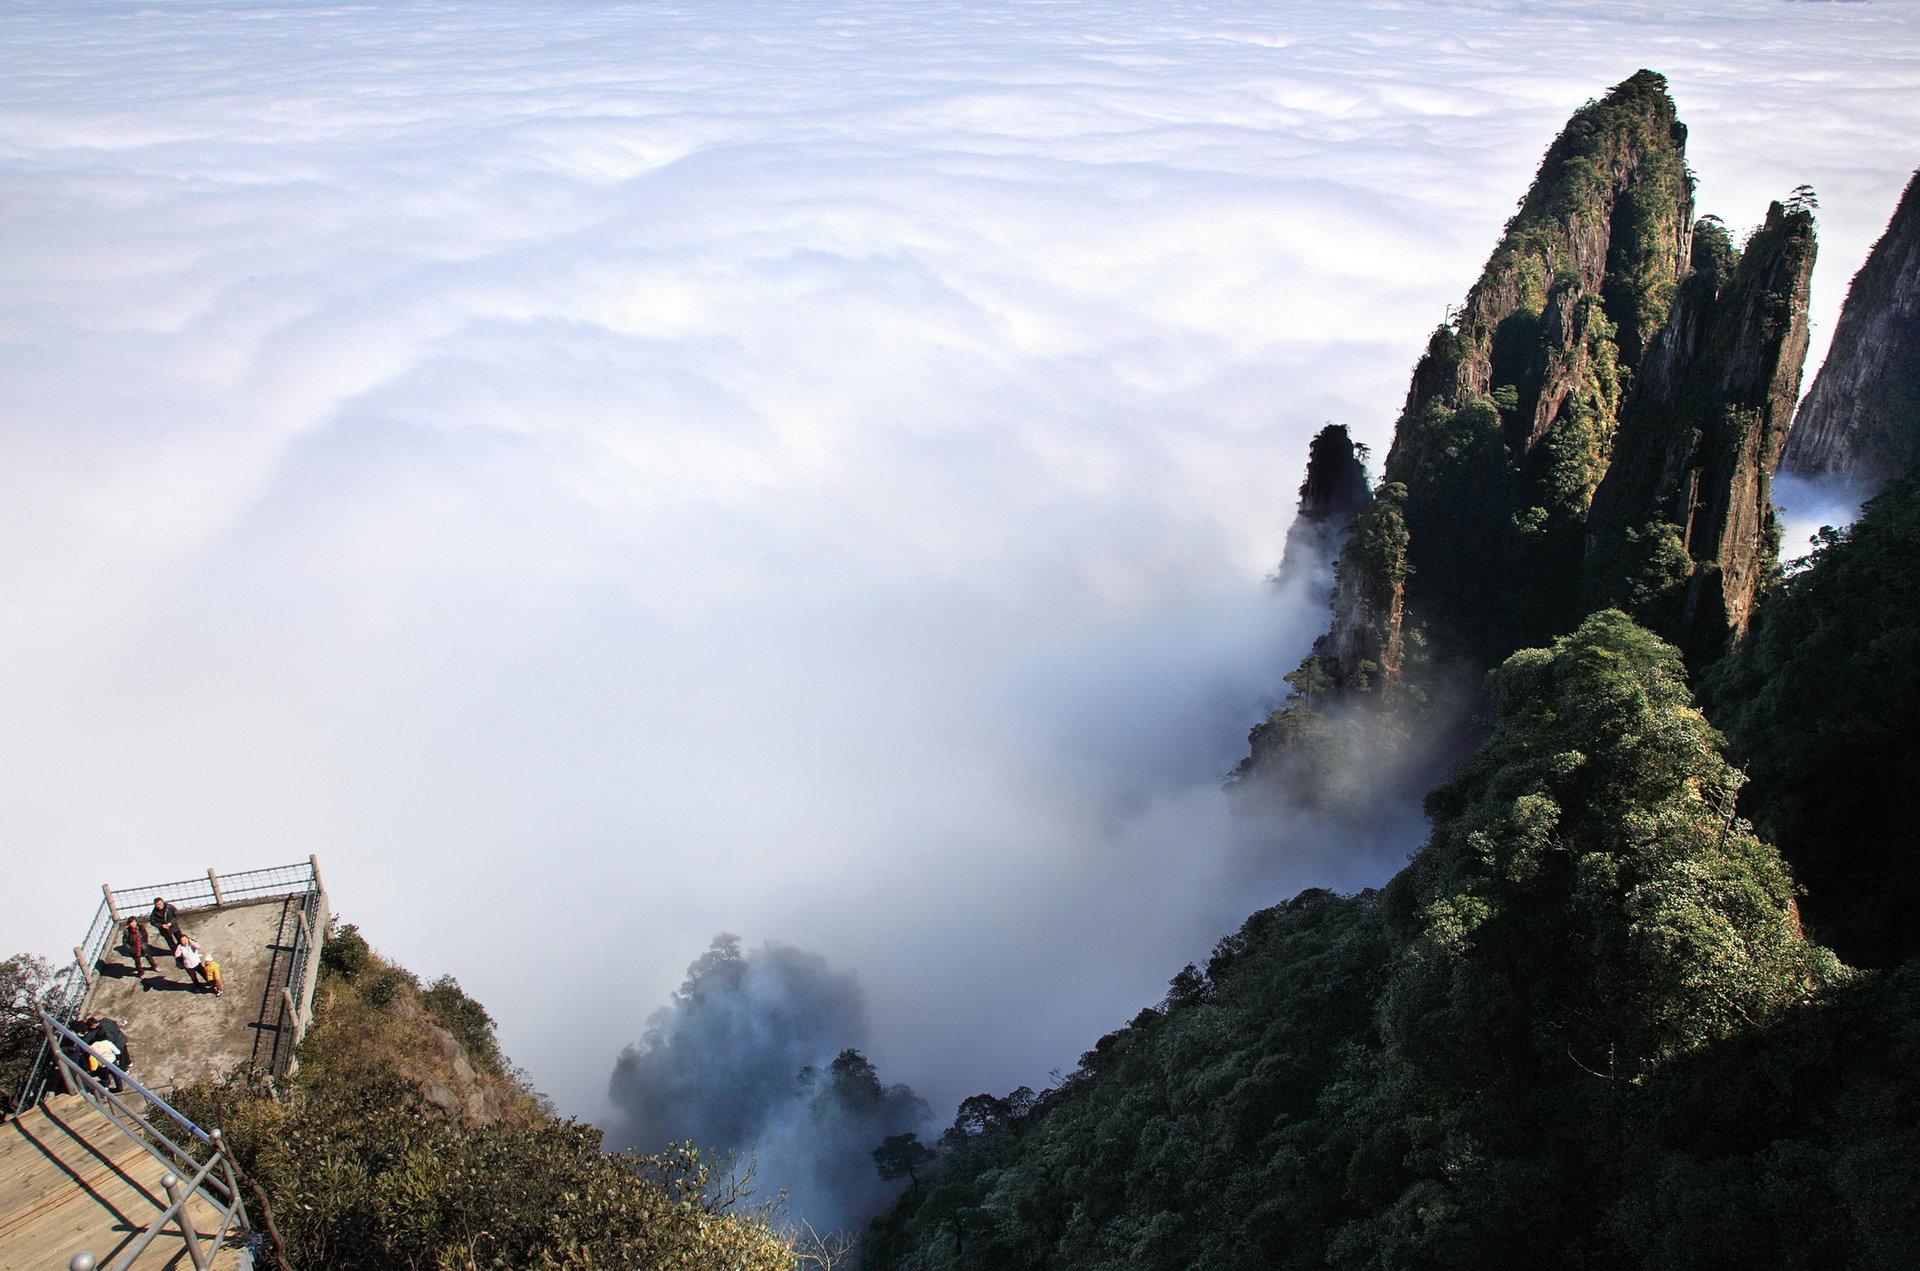 5小时),天台山风景区主要以奇石峰,险崖为主,是莽山山峰雄伟奇险景观